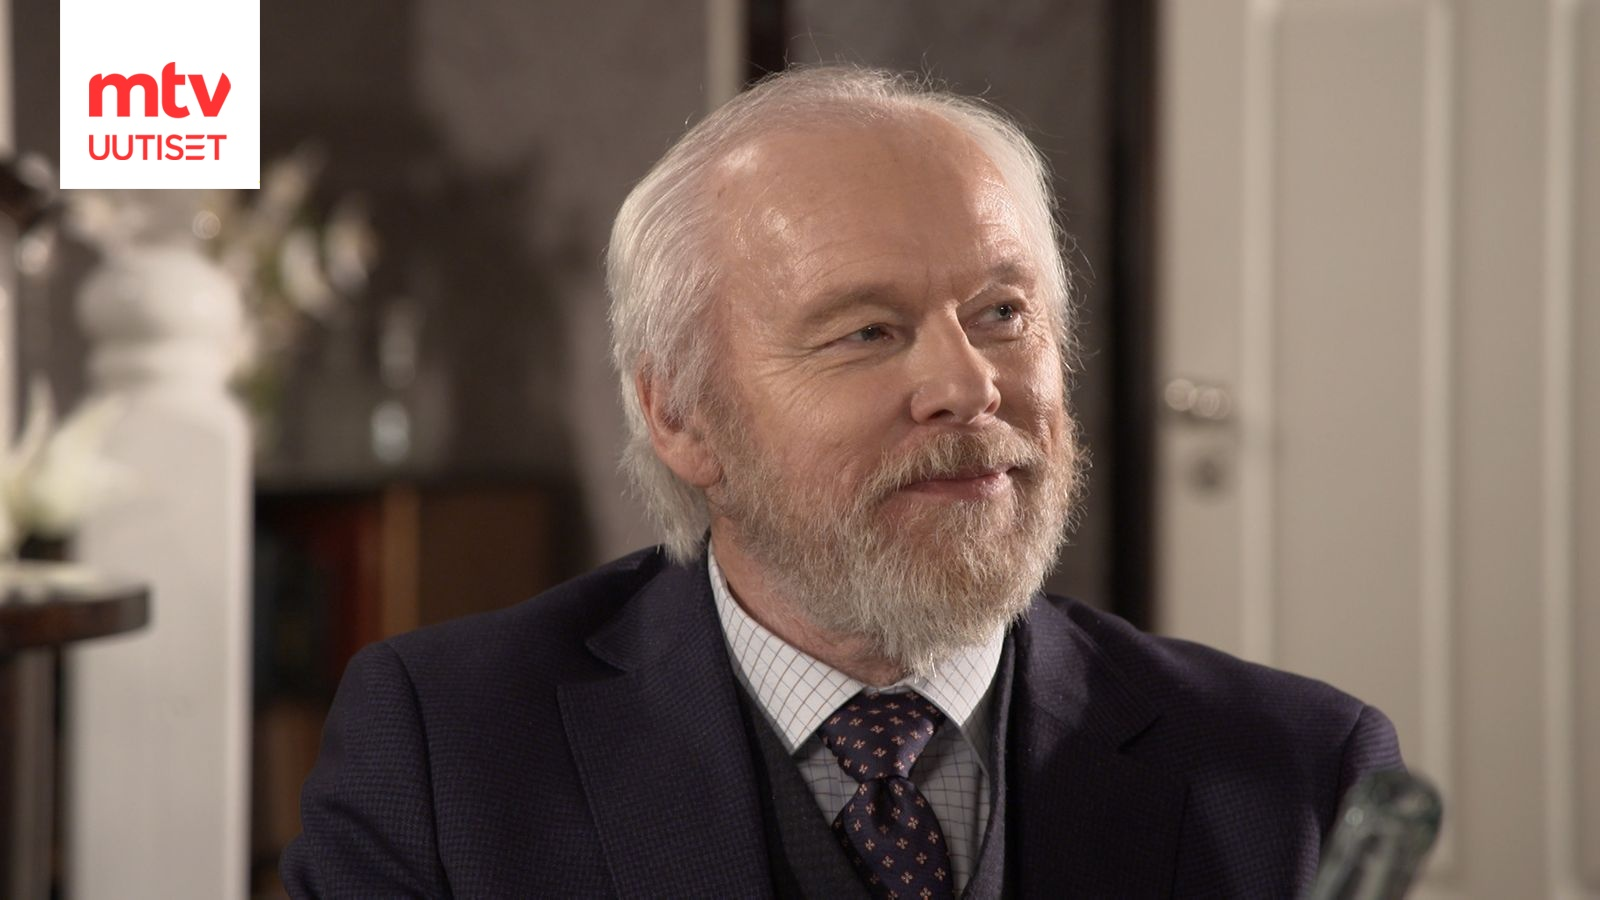 Juha Svahn